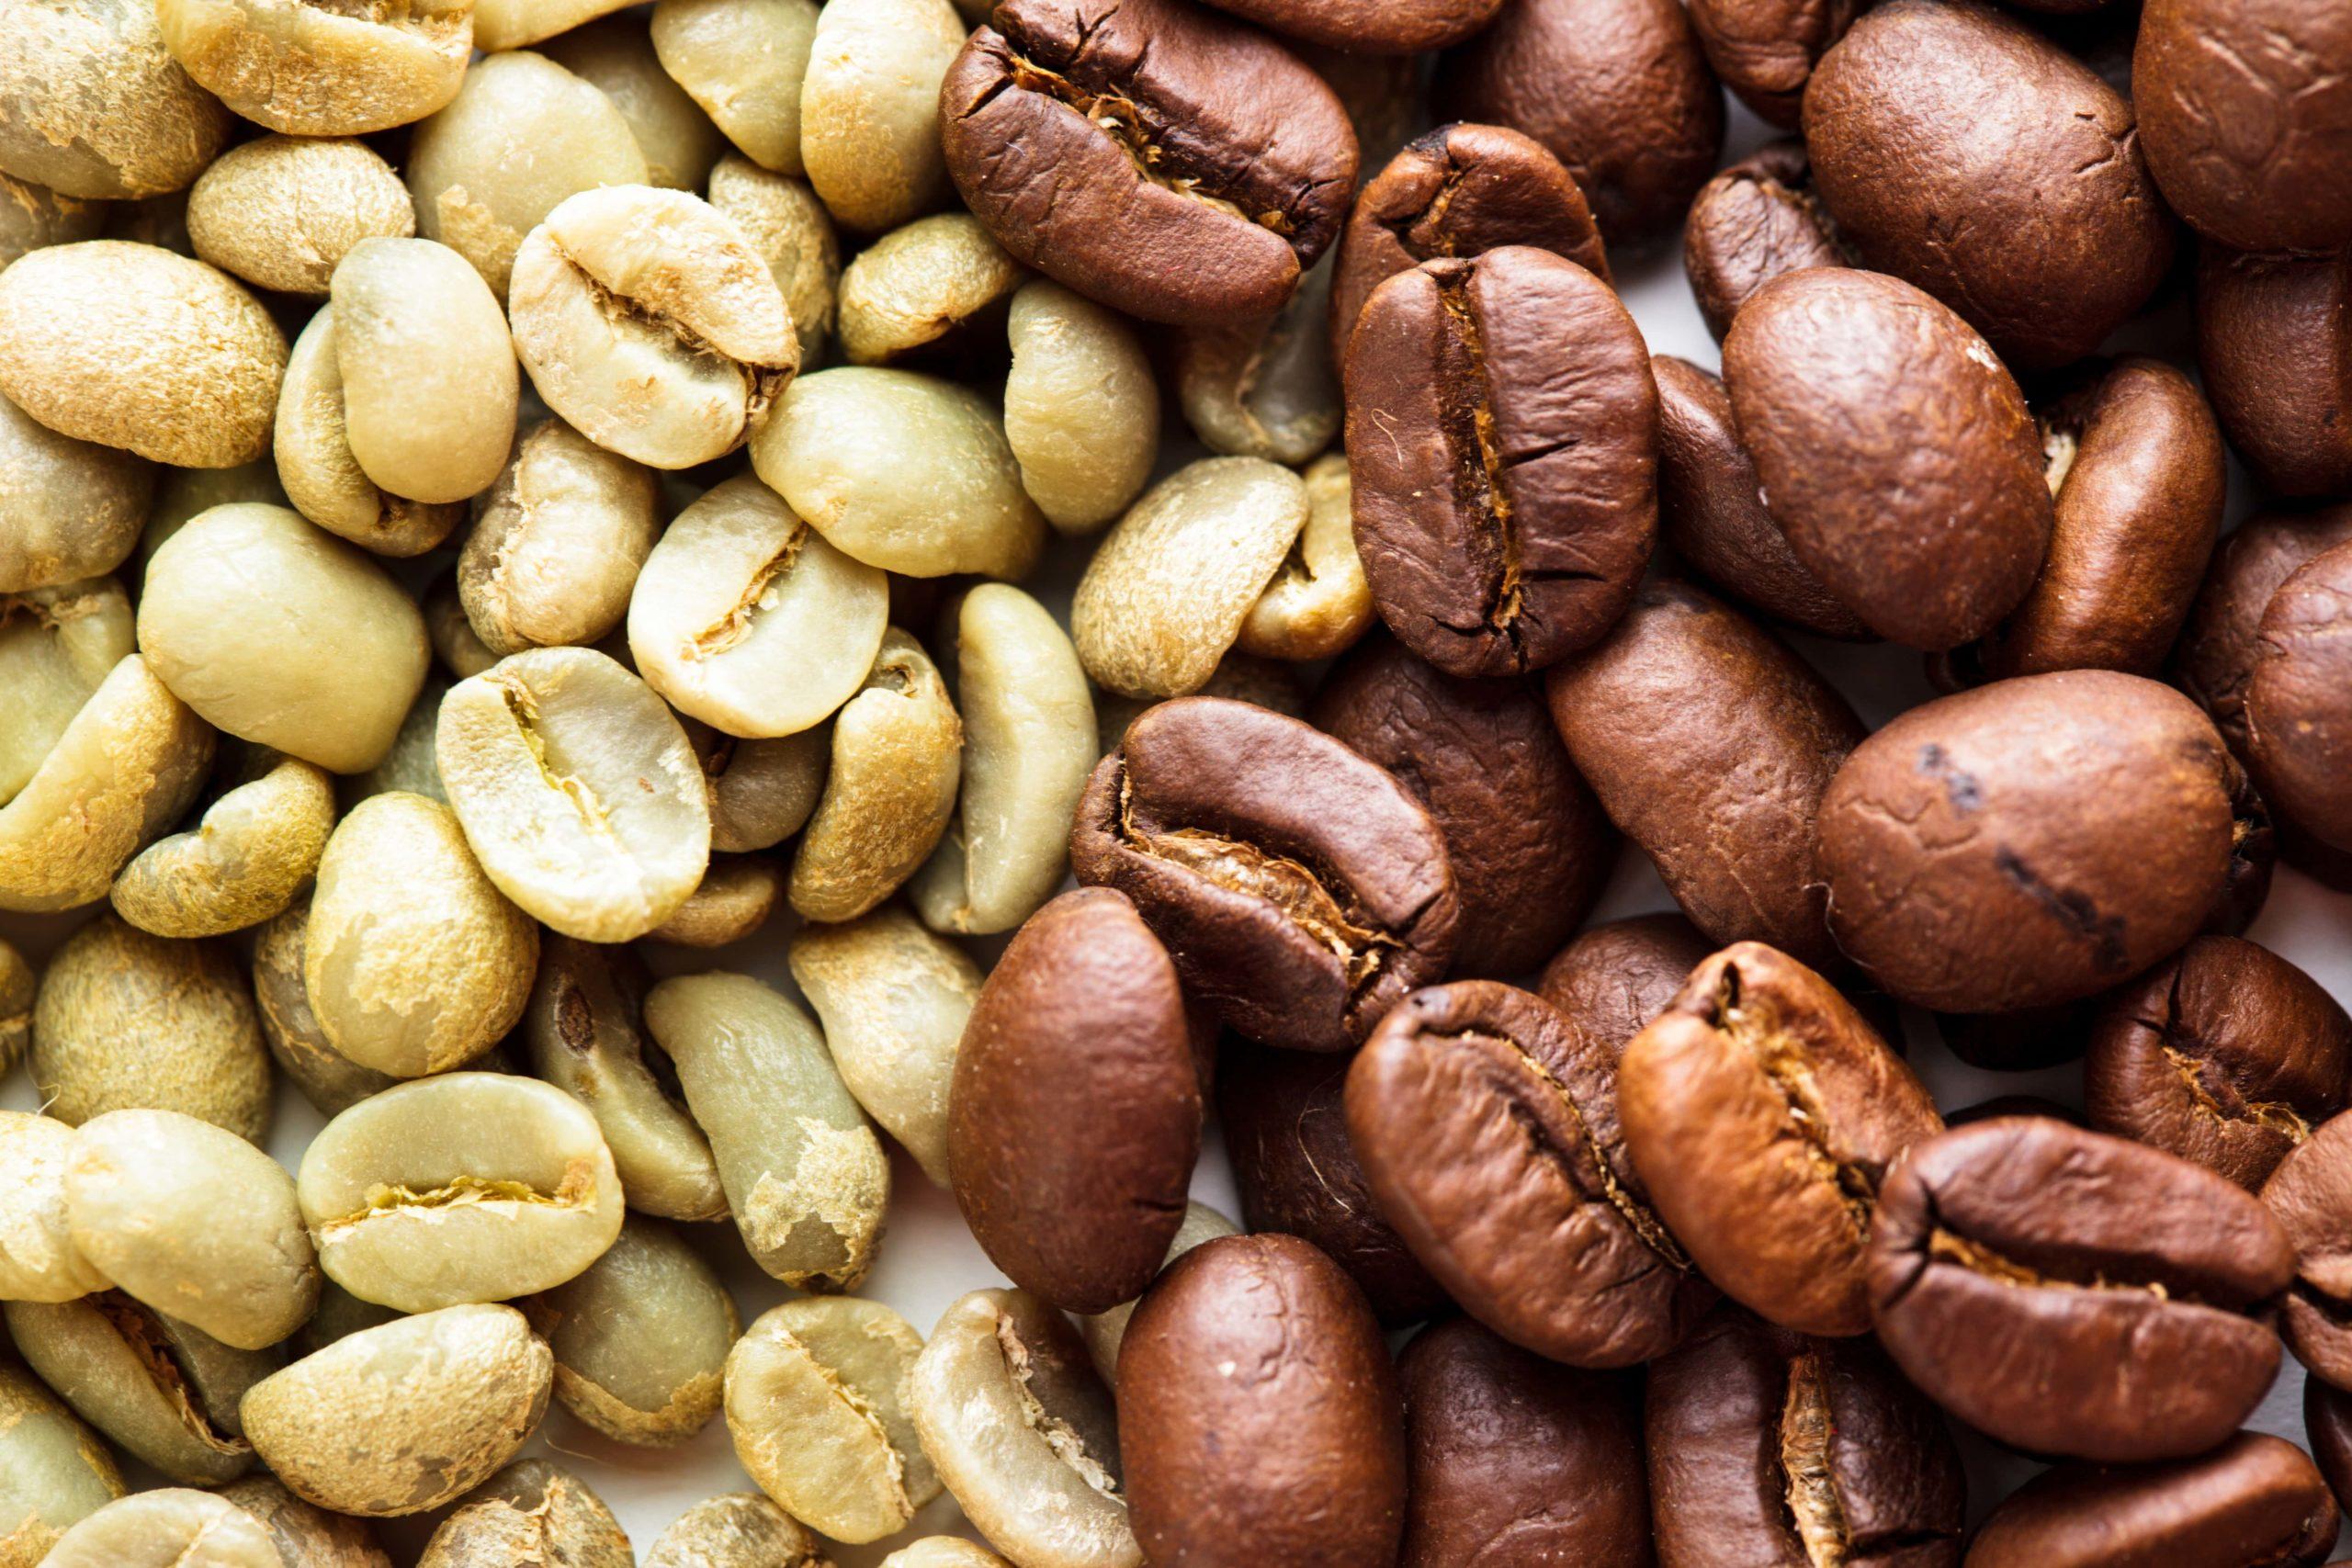 Coffee bean varieties.